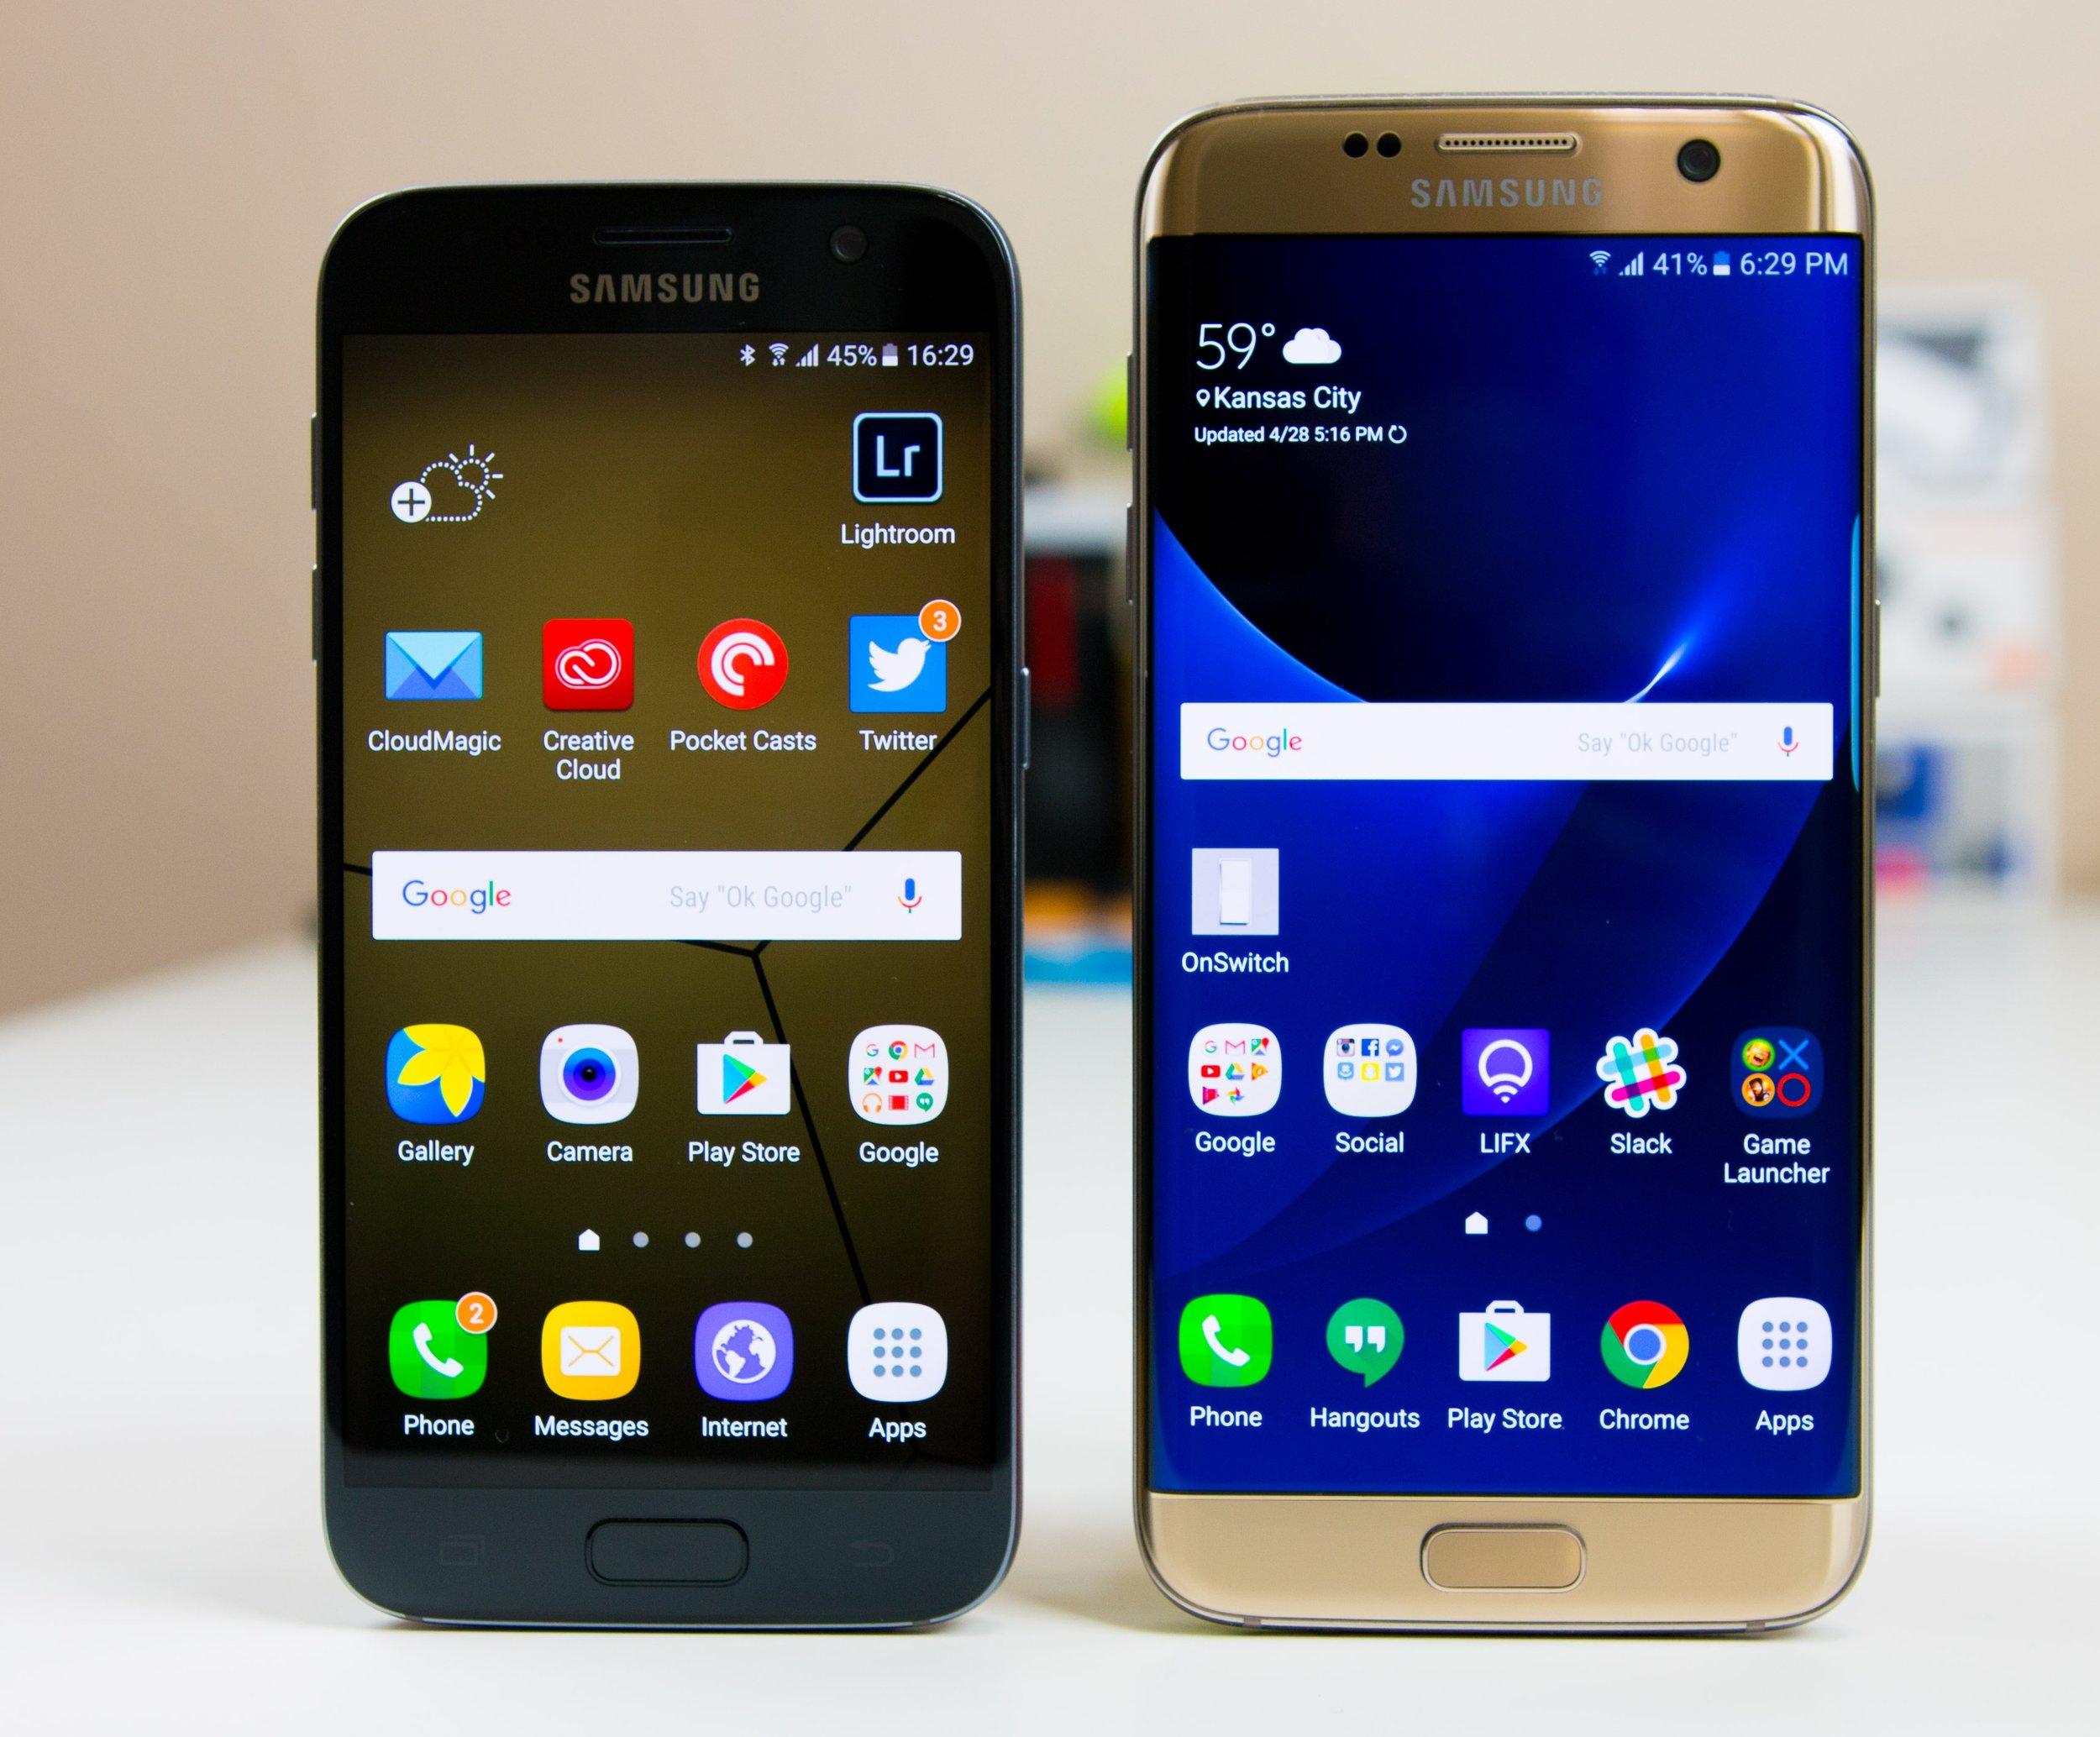 Samsung-Galaxy-S7-vs-S7-Edge-5.jpg